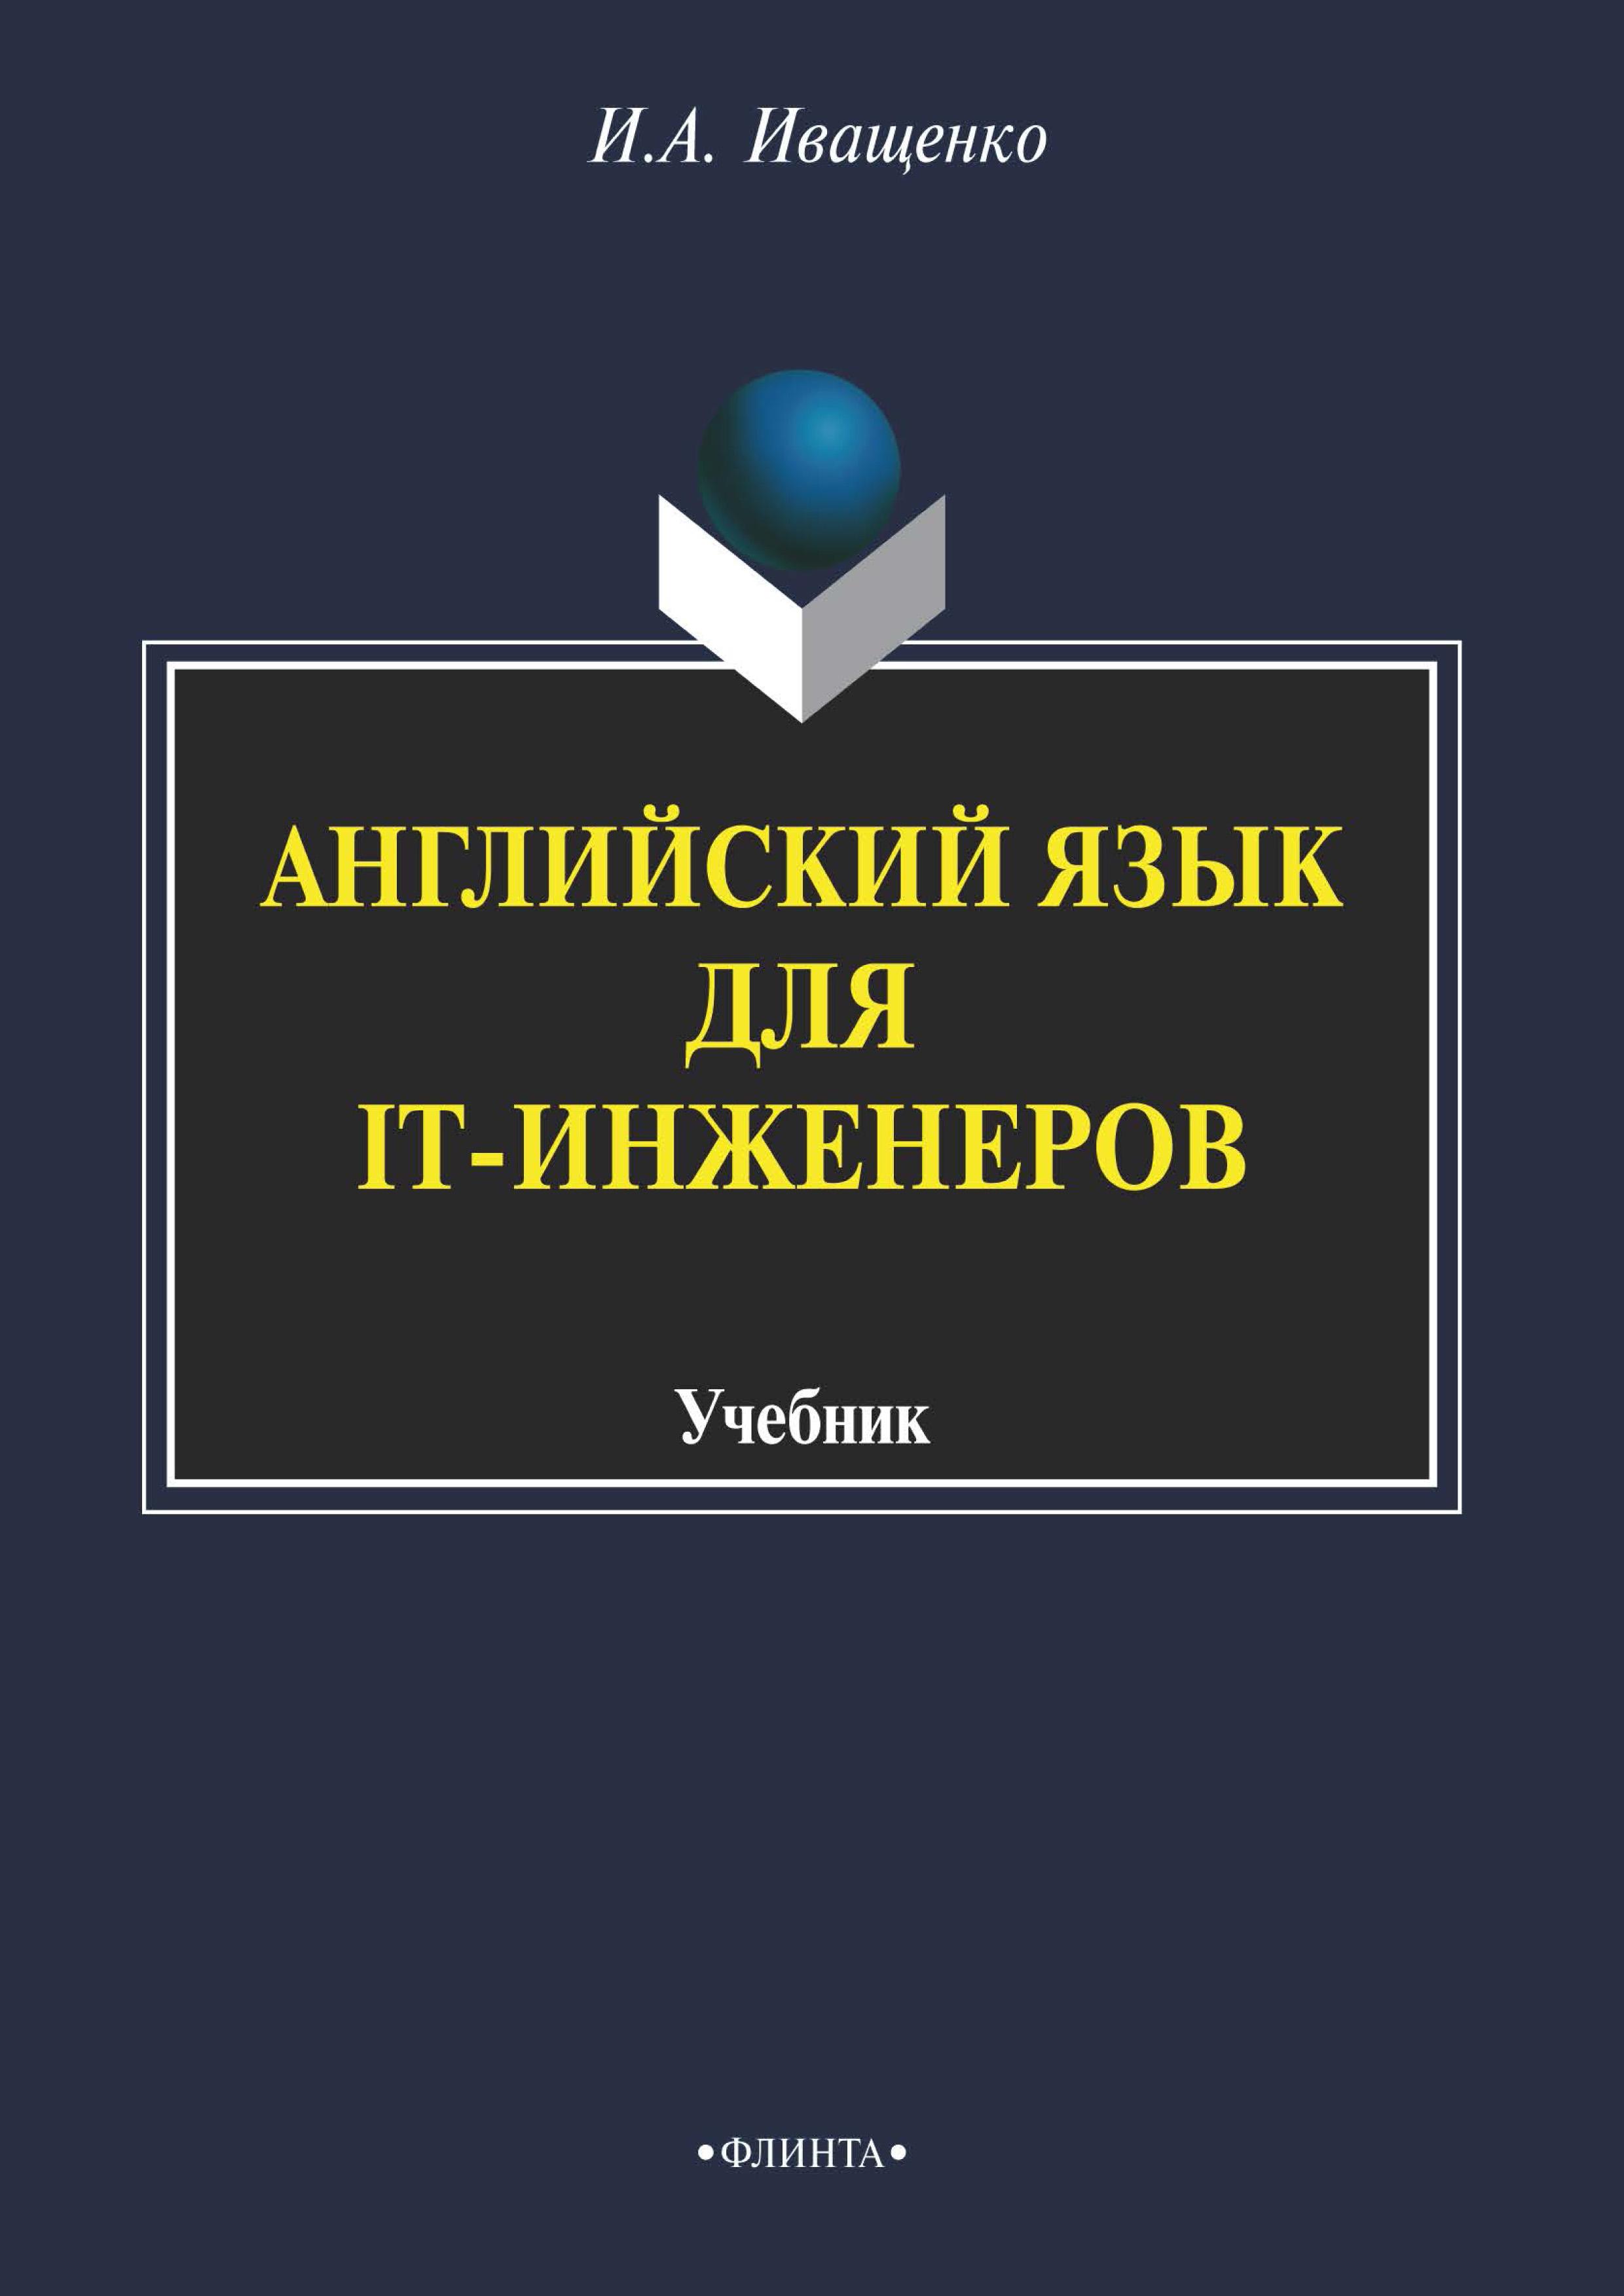 И. А. Иващенко Английский язык для IT-инженеров. Учебник разделочная доска большая brabantia tasty colours 109126